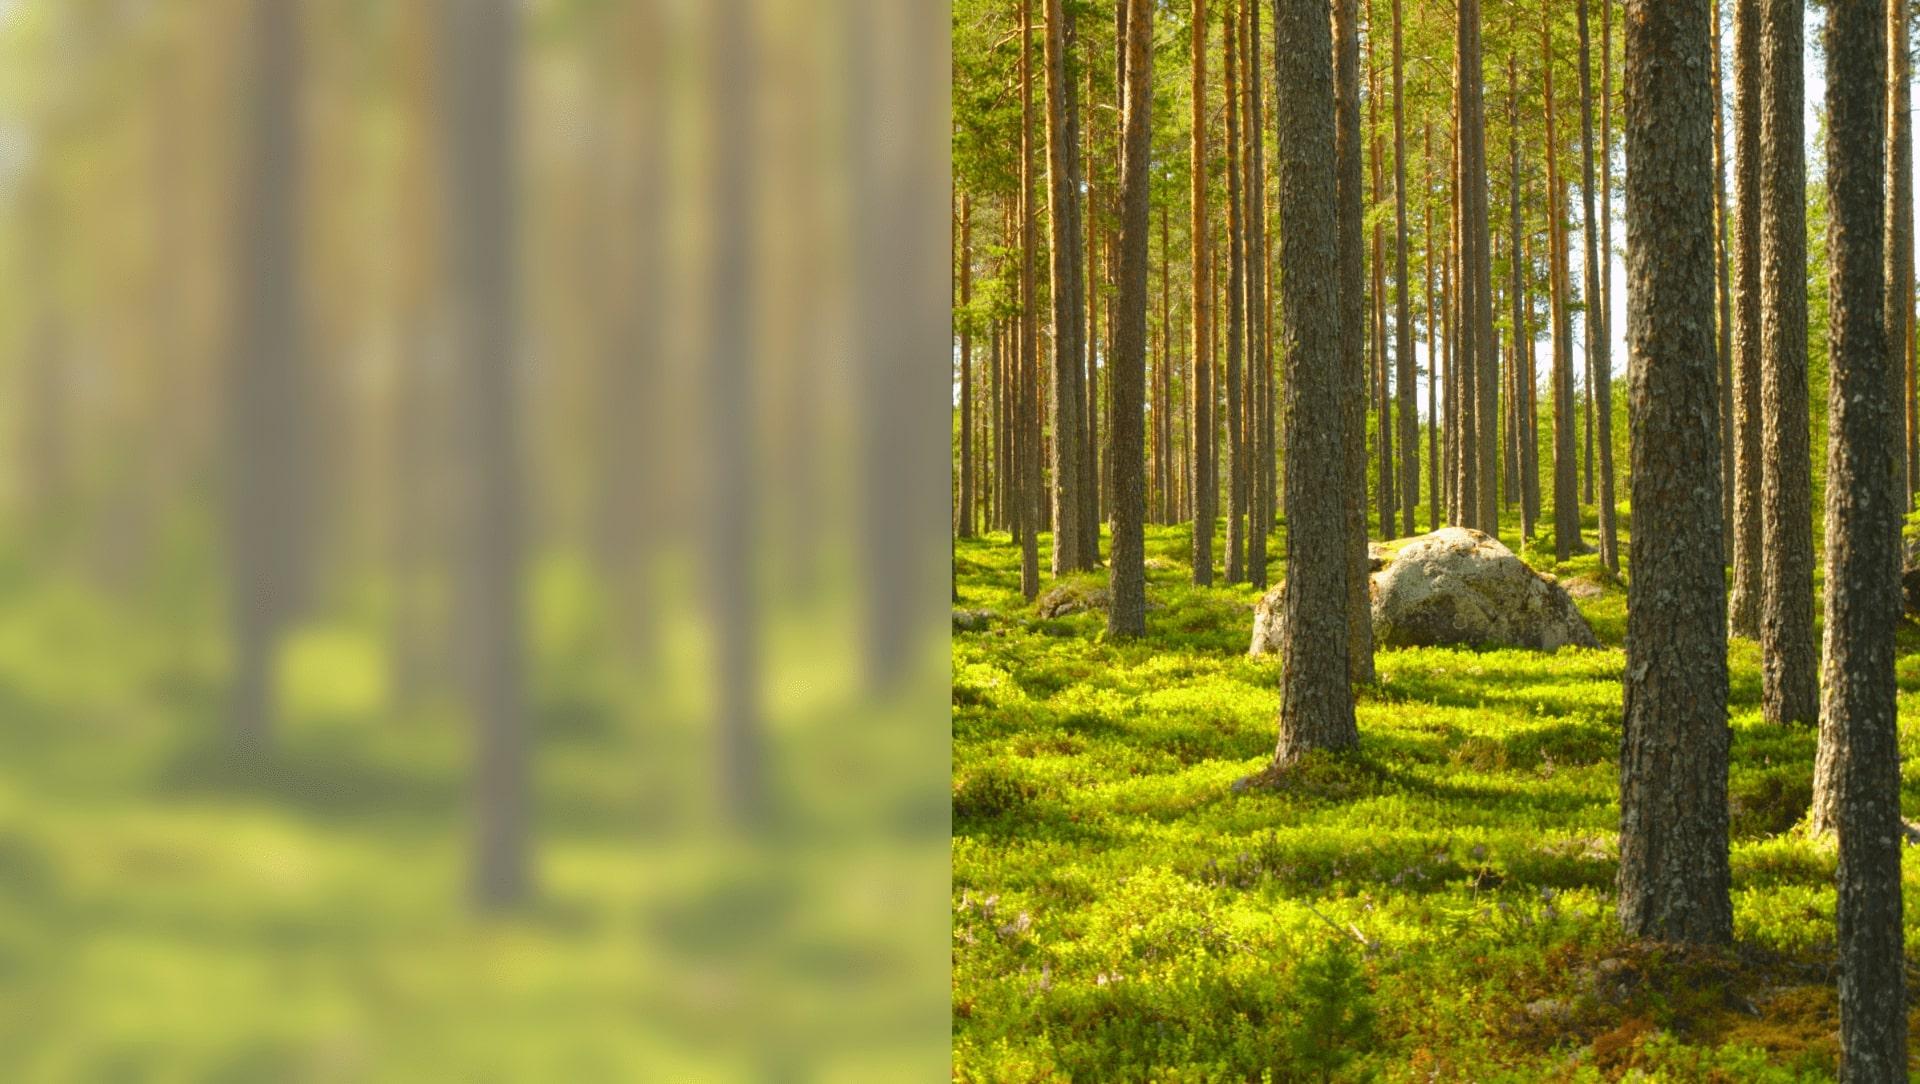 sostenibilità ecologica